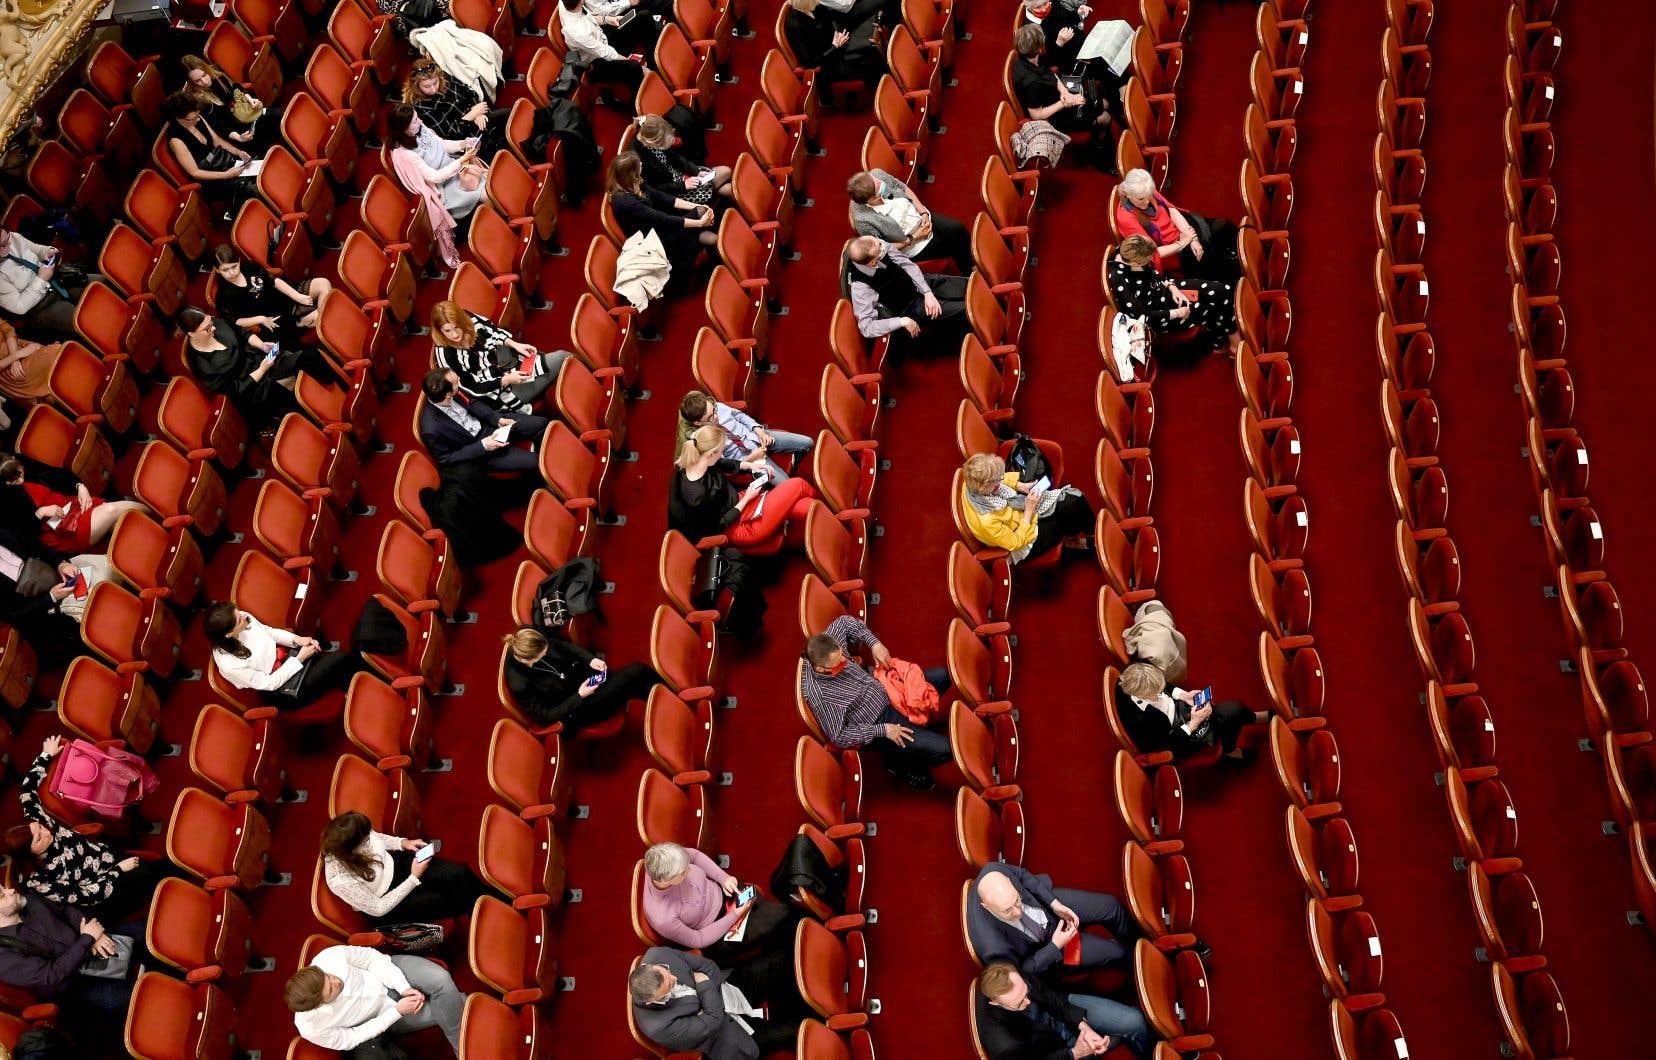 Pour atteindre la rentabilité, une salle de spectacle a besoin d'être remplie à 70, voire 75%. Or, la pandémie les oblige à se limiter à 25 ou 30% de leur capacité.